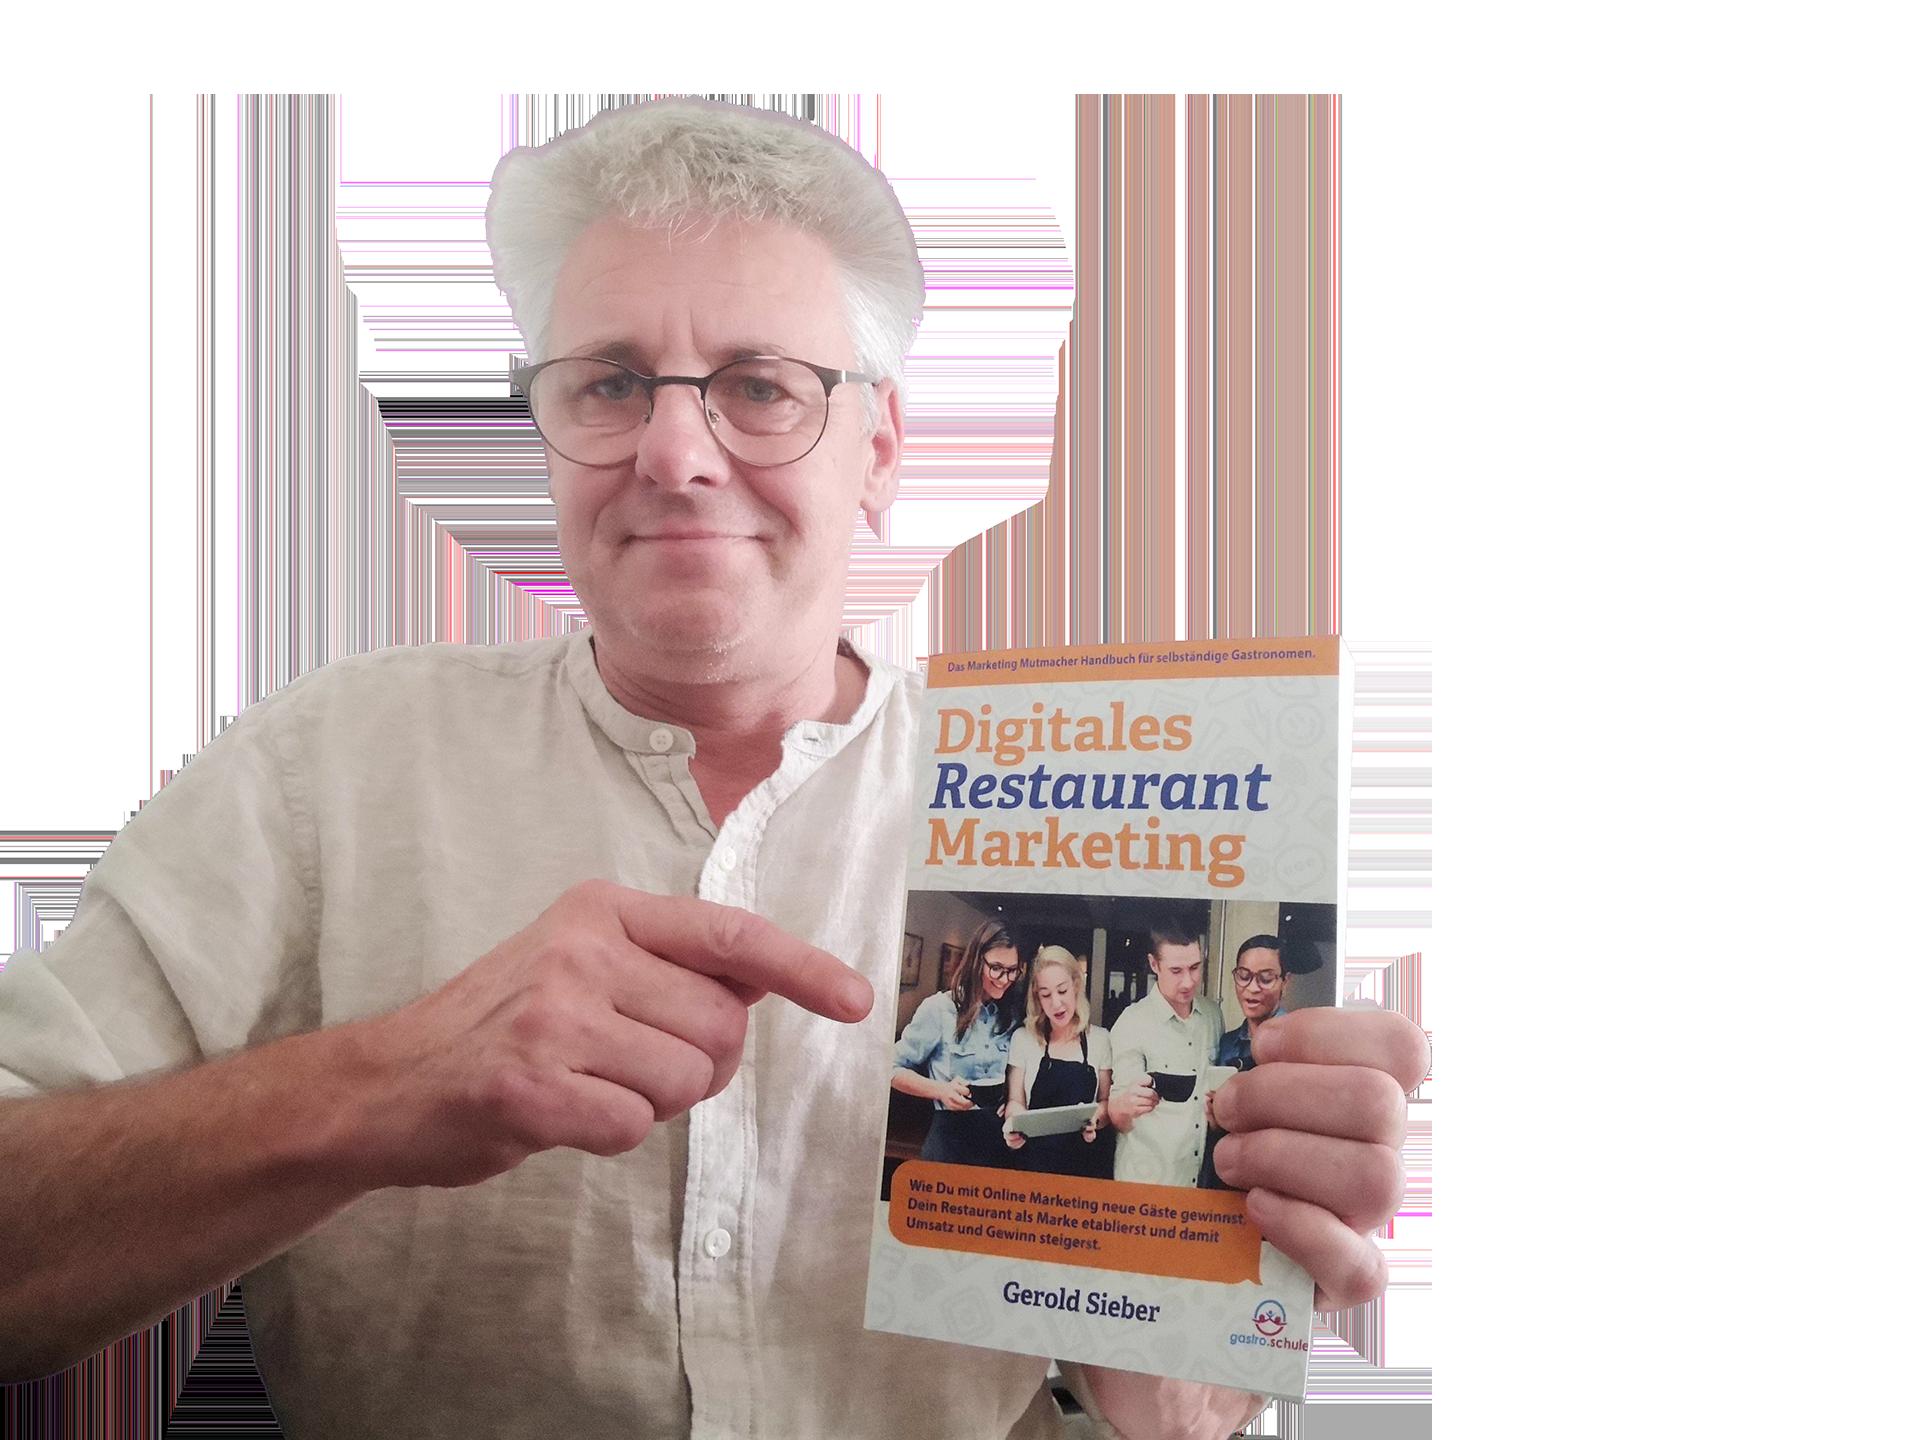 gerold mit buch digitales restaurant marketing